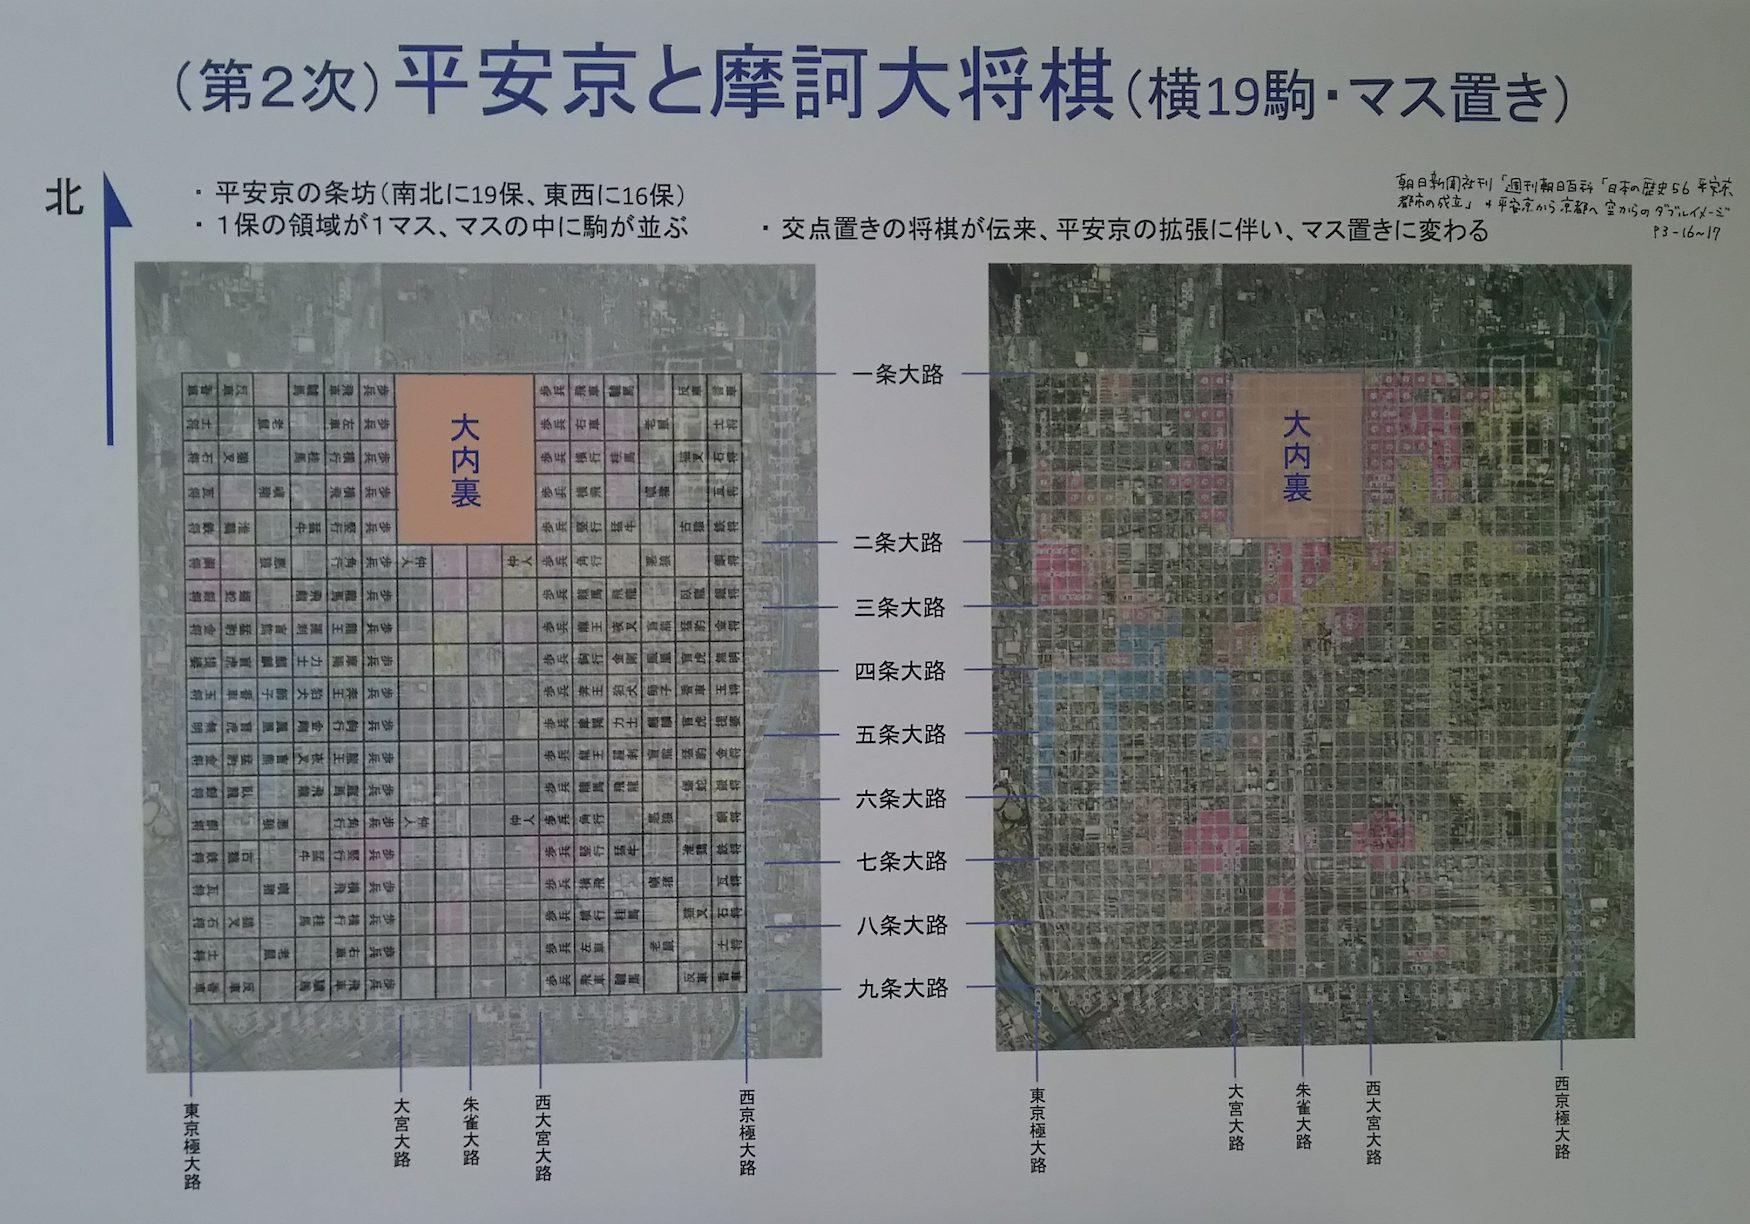 写真1:平安京の区画と将棋盤のマスが一致 著作権:国土地理院、朝日新聞社